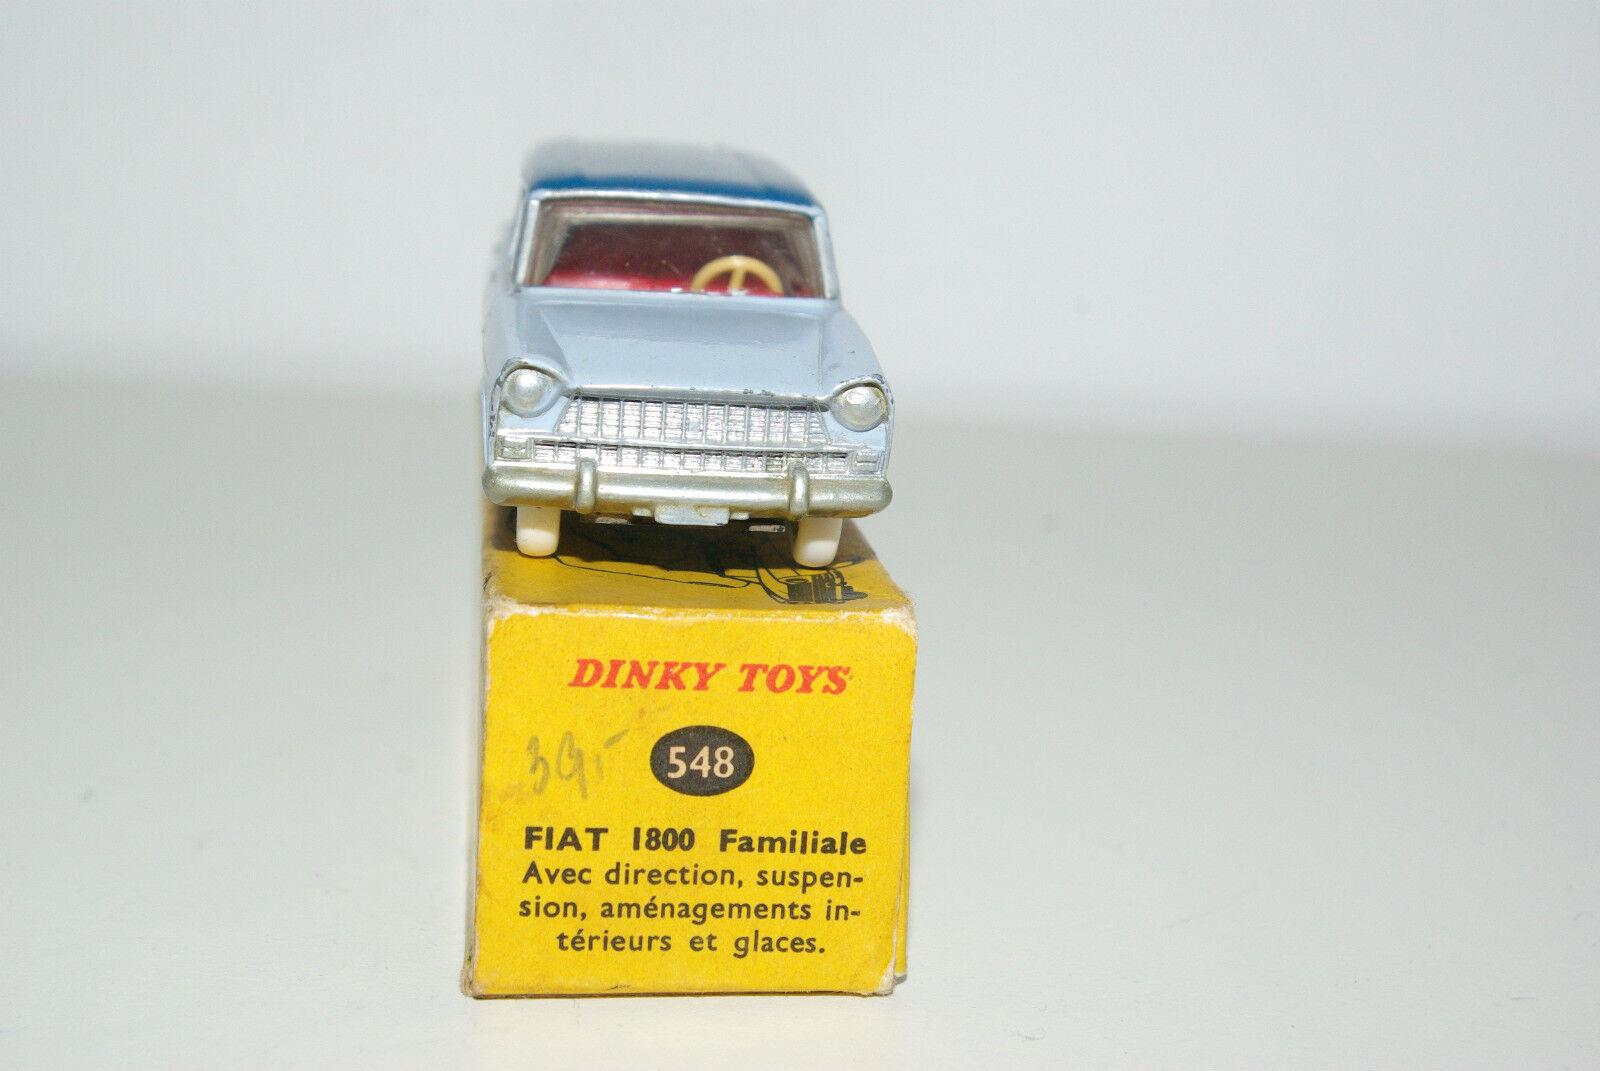 DINKY TOYS 548 FIAT 1800 FAMILIALE blueE TWOTONE NEAR NEAR NEAR MINT BOXED RARE SELTEN  436eec